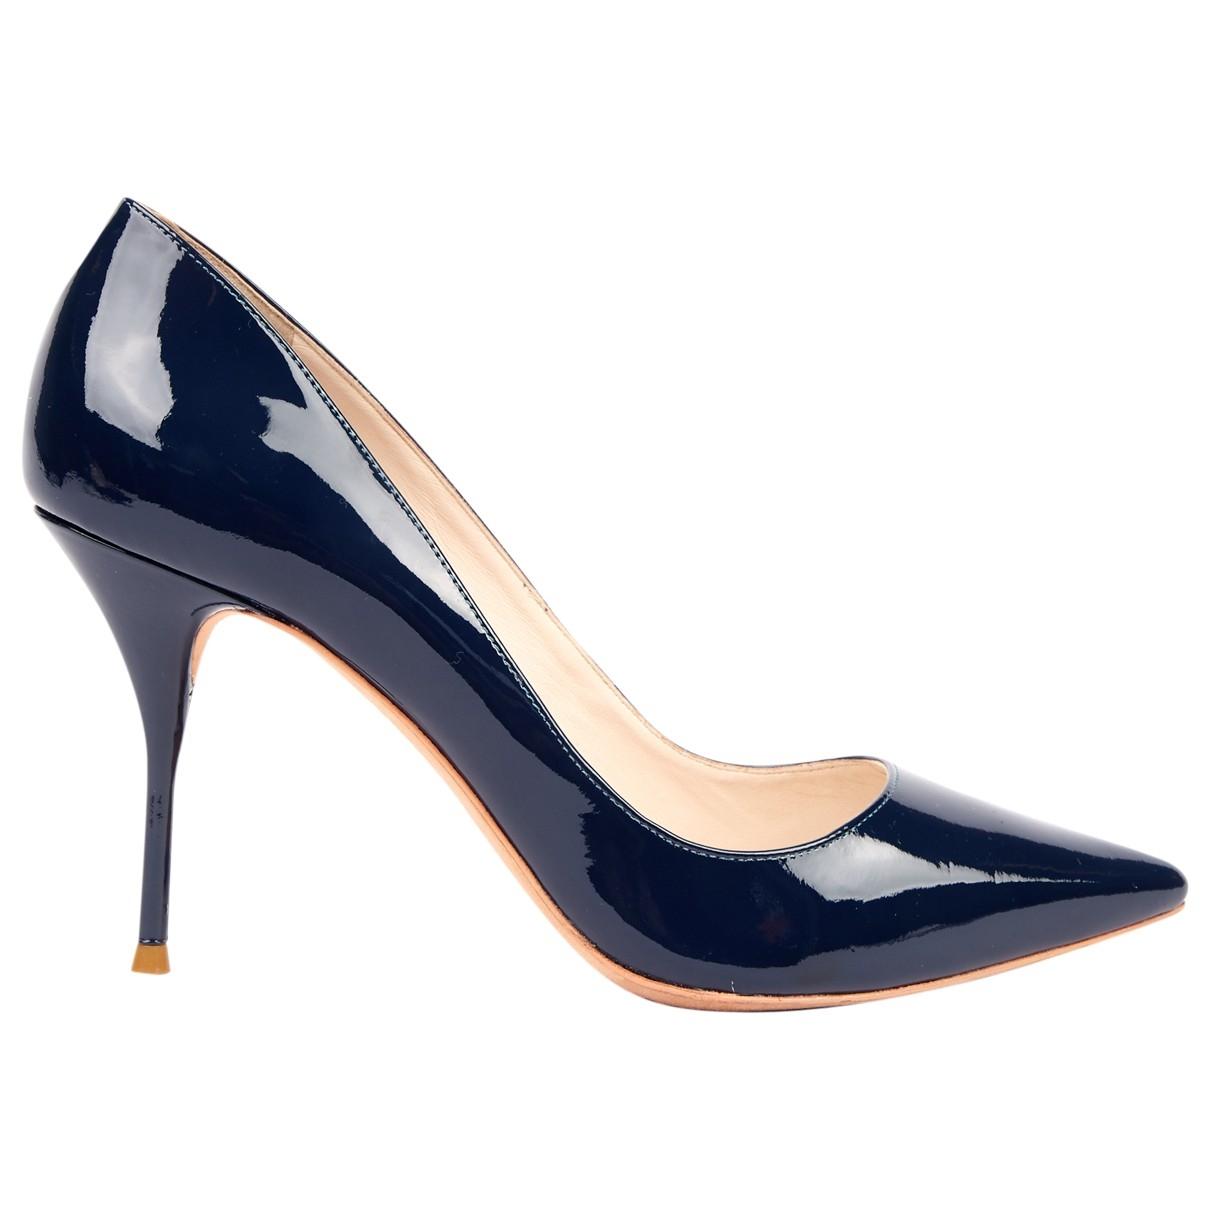 Sophia Webster - Escarpins   pour femme en cuir verni - bleu